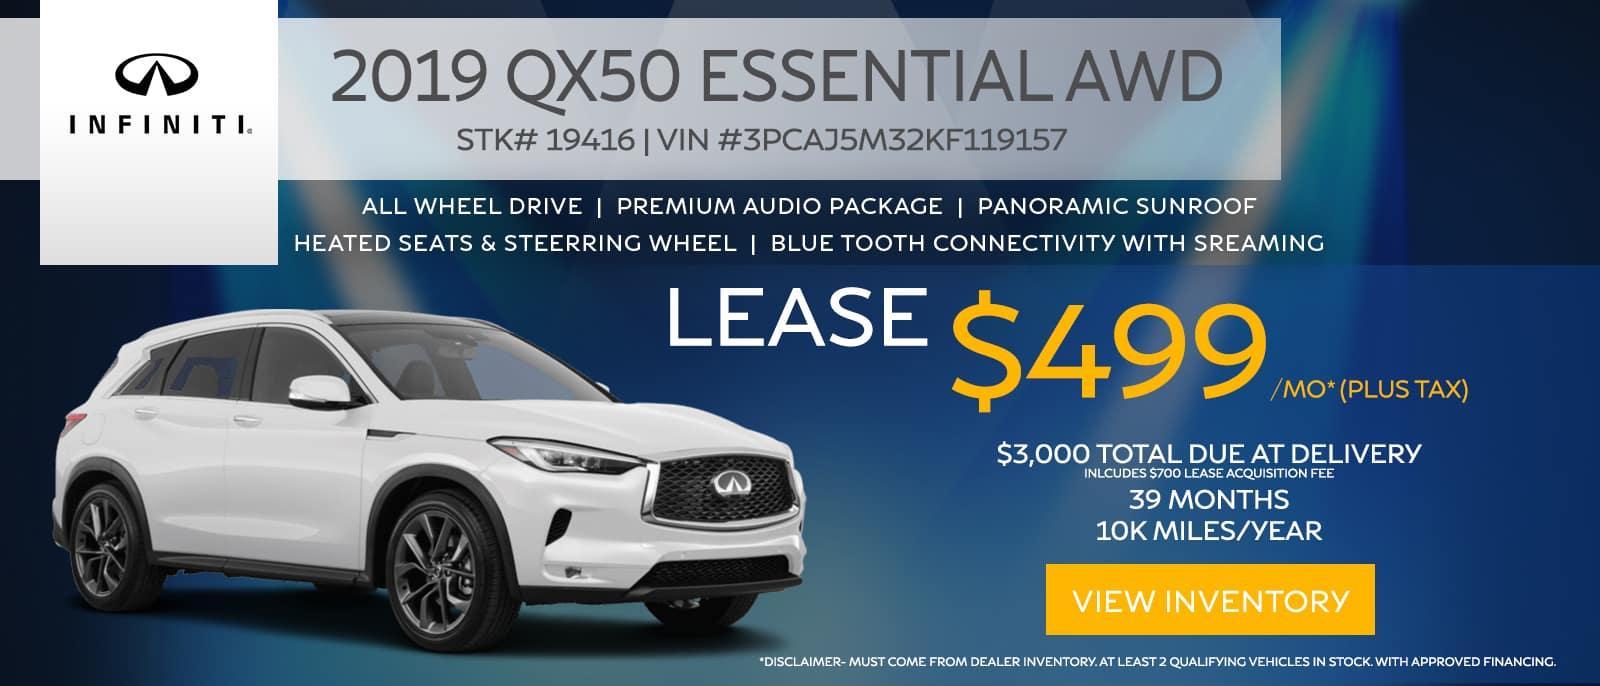 2019 QX50 Luxe AWD $499/Mo